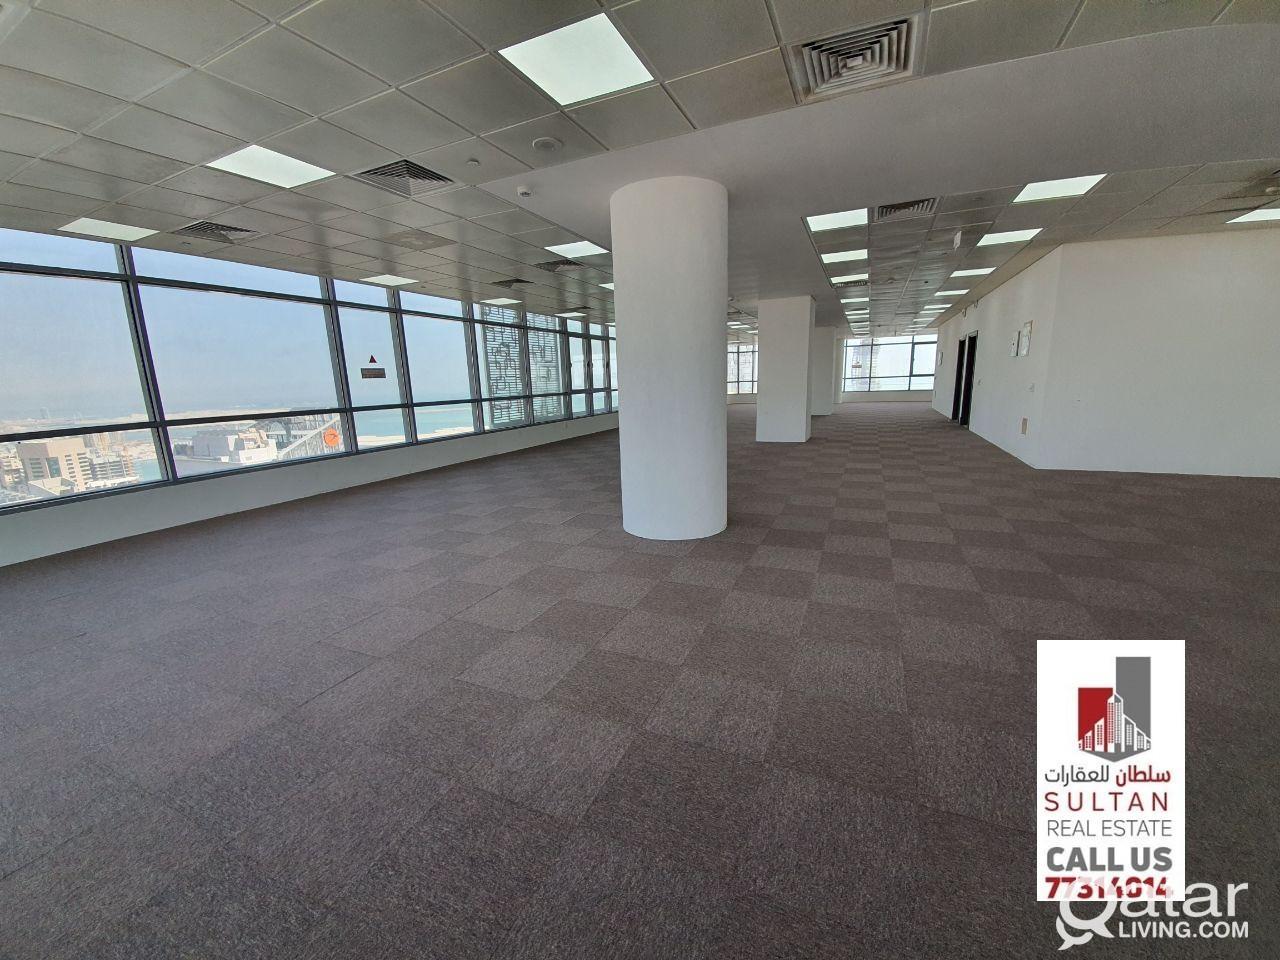 office for rent in Lusail مكاتب للايجار باللوسيل